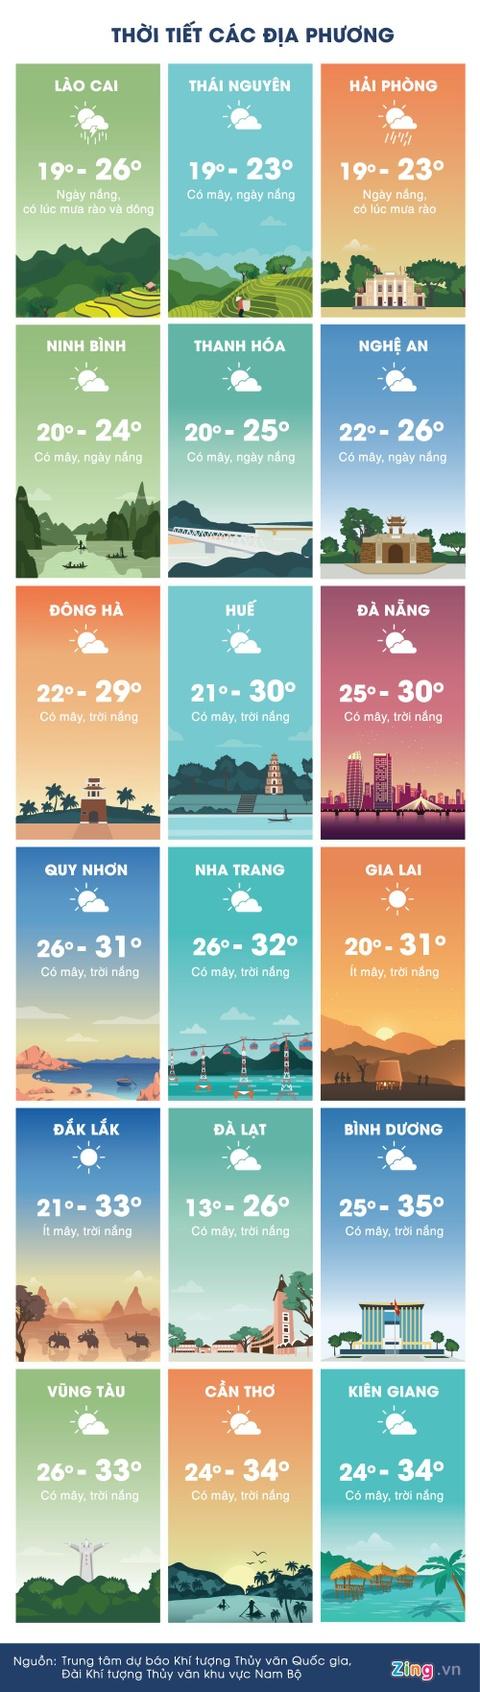 Thoi tiet ngay 19/3: Bac Bo mua dong, Nam Bo nang nong dien rong hinh anh 3